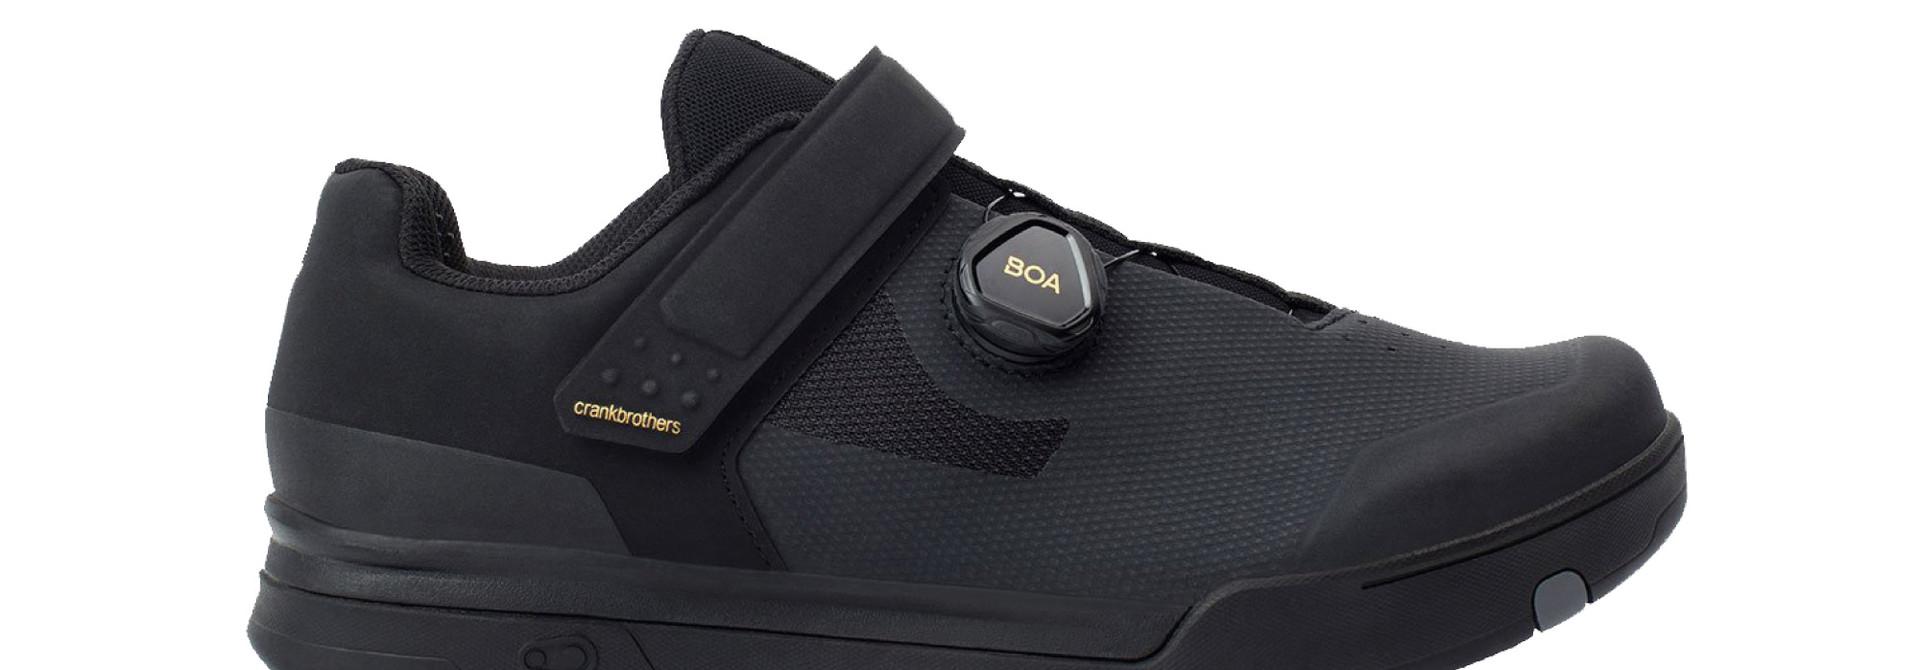 Shoe Mallet BOA Clipless Spd